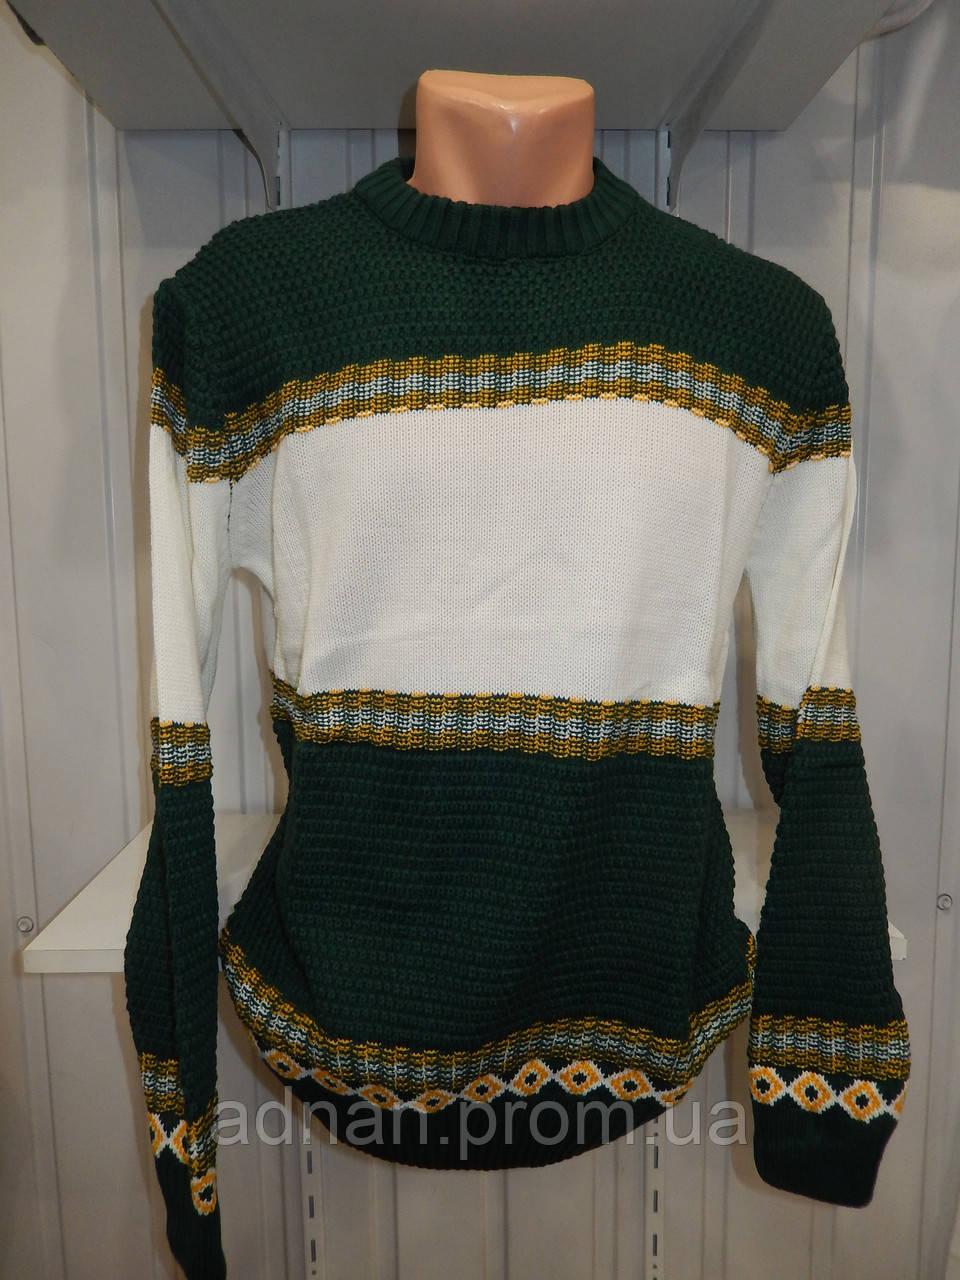 Свитер зимний ROT орнамент 005/ купить оптом свитер зимний